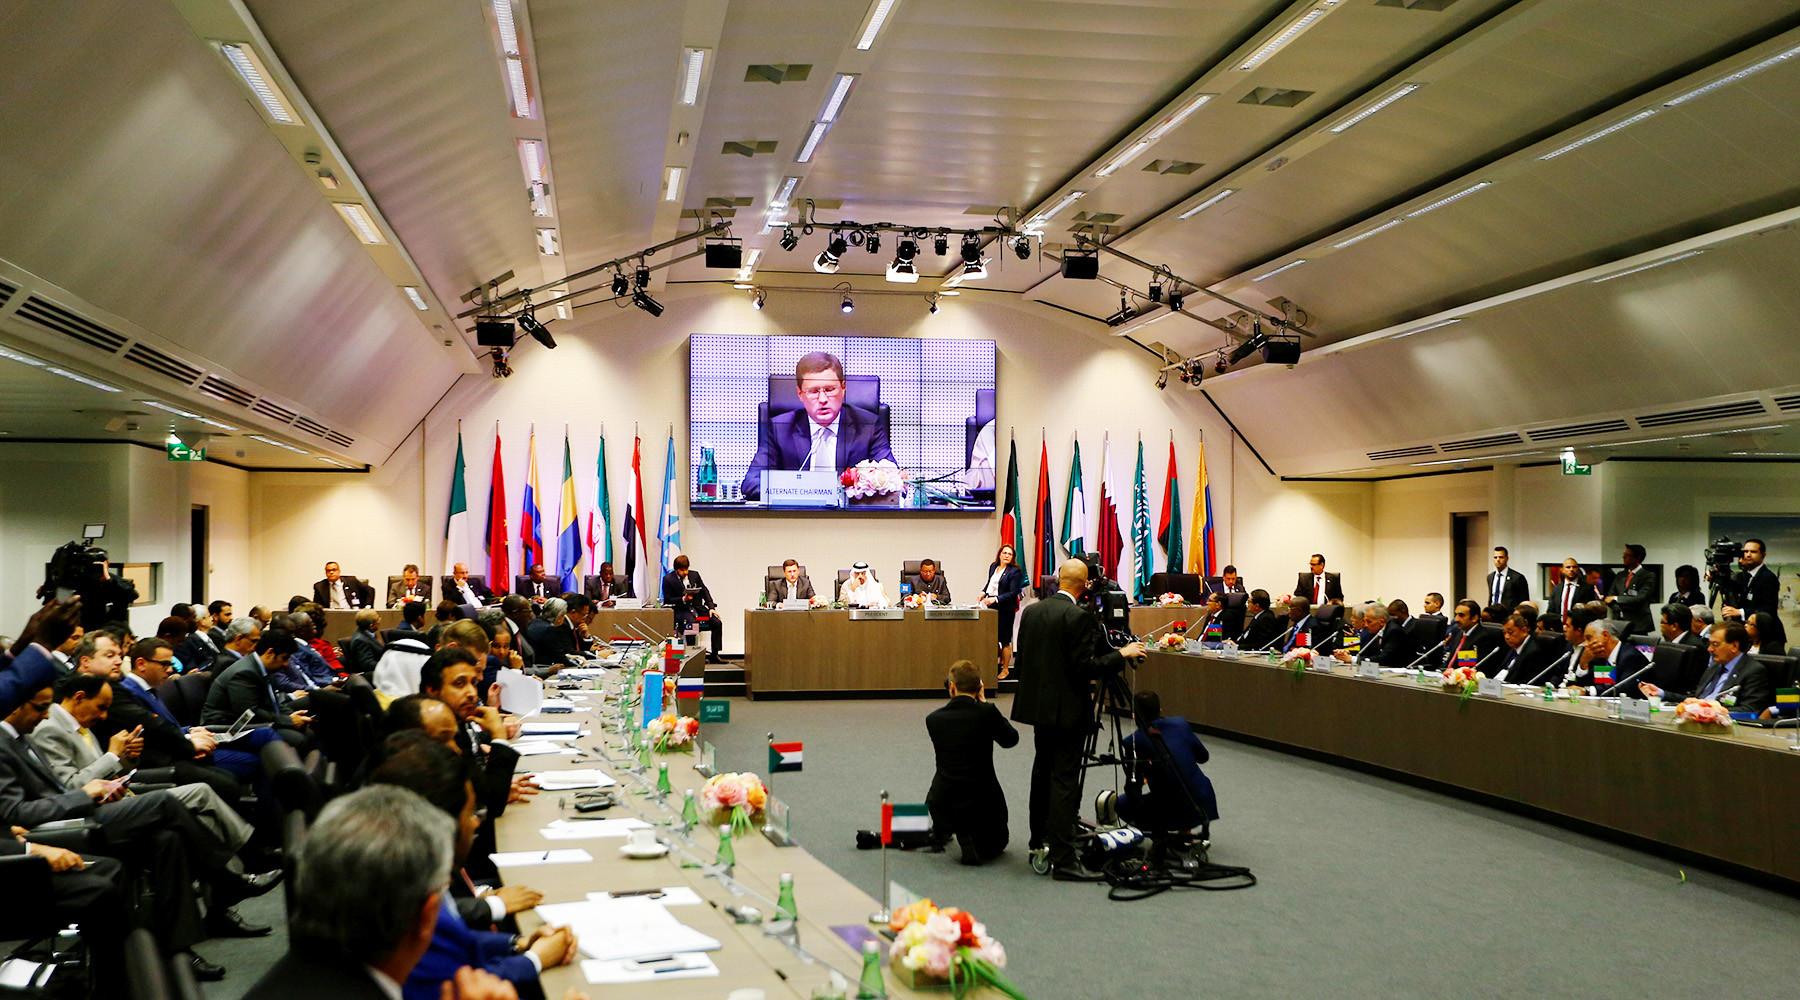 Как решения ОПЕК отразятся на глобальном рынке нефти в 2018 году